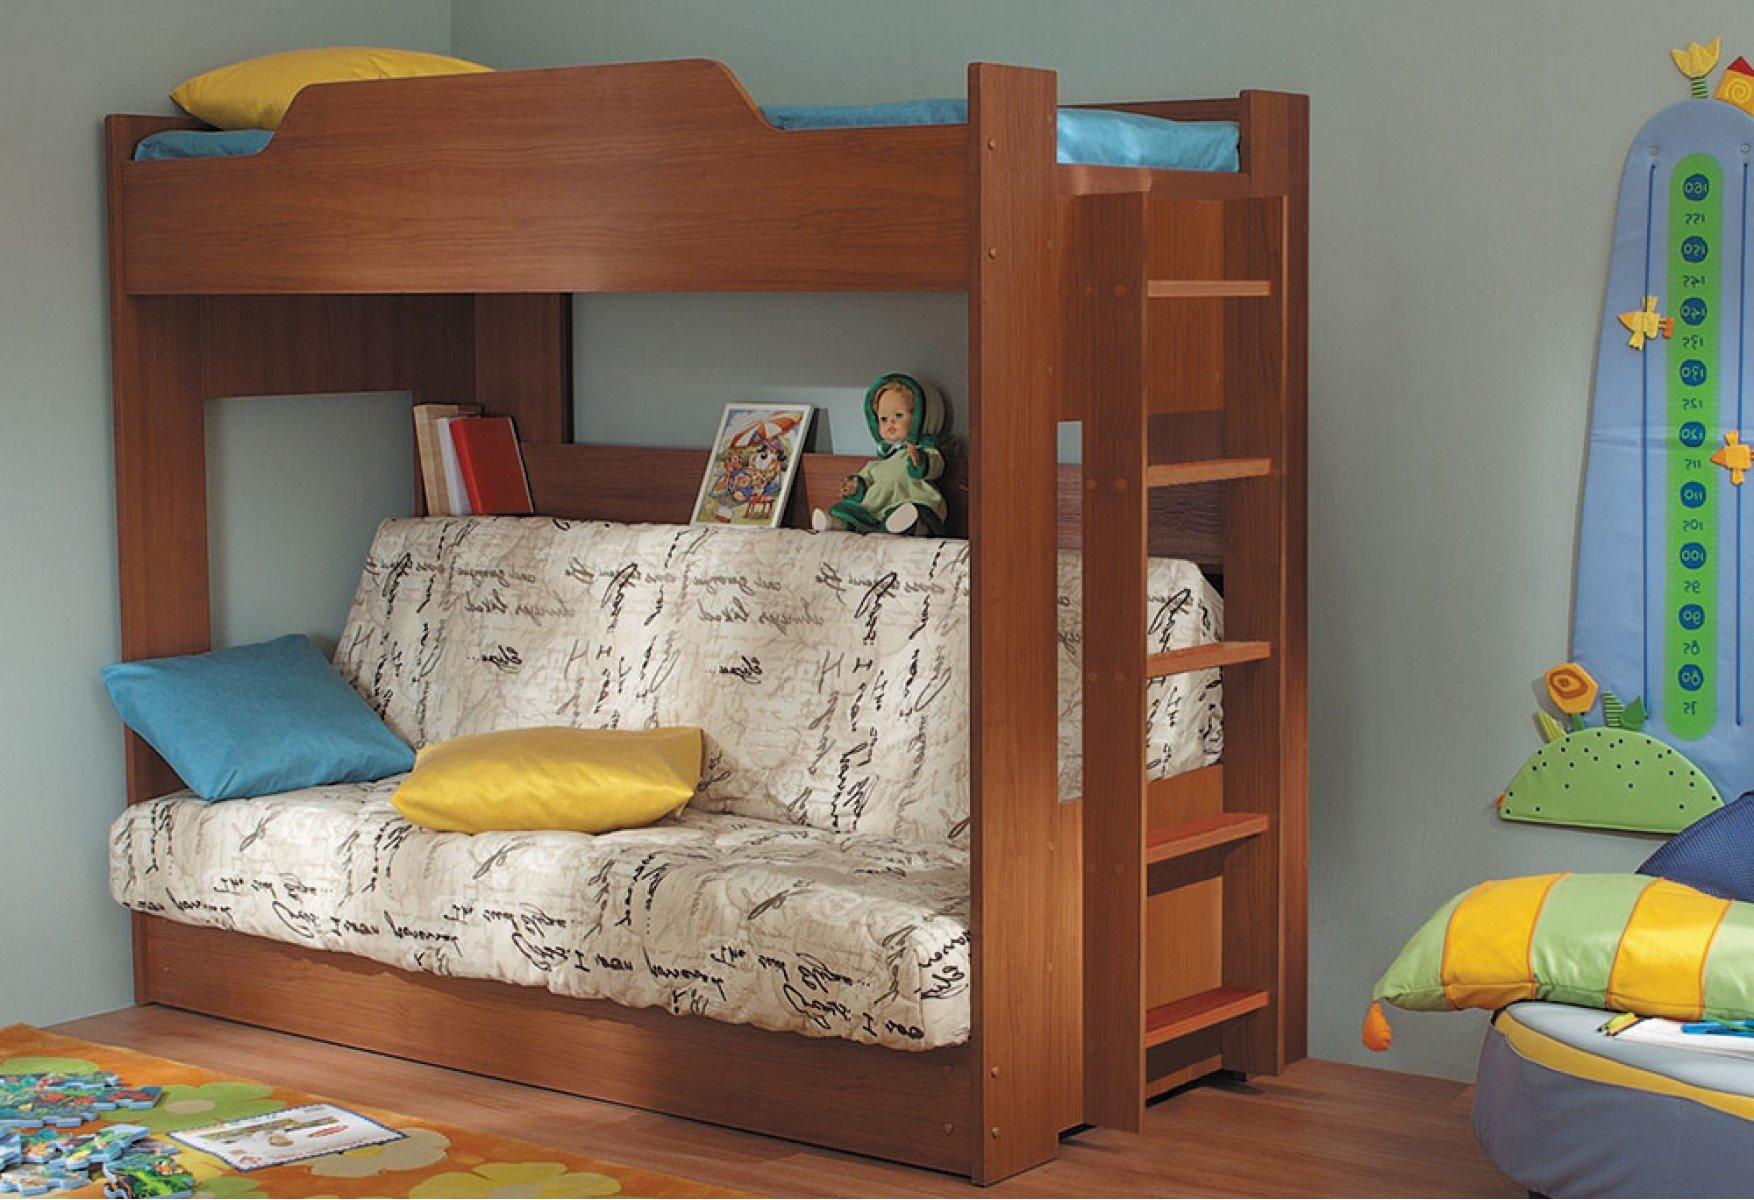 Двухъярусная кровать для детей с диваном внизу (4)